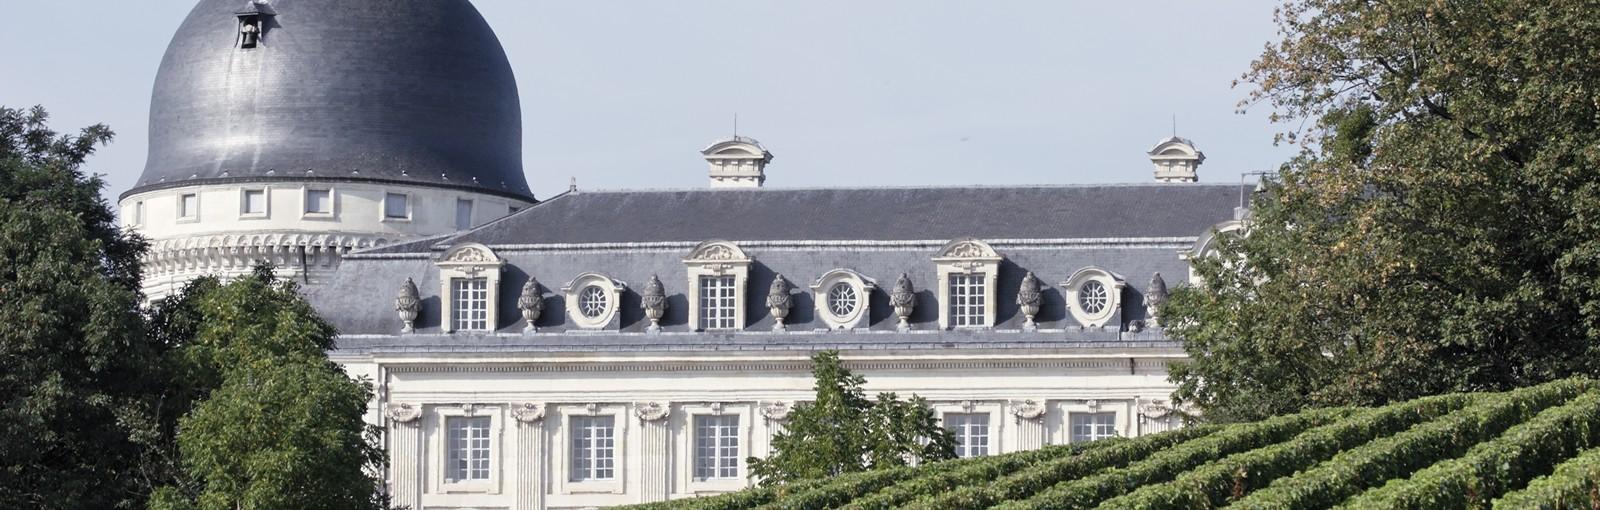 Tours Entre Berry et Loire, vins et châteaux petits et grands - Centre - Pays de la Loire - Circuits au départ de Paris